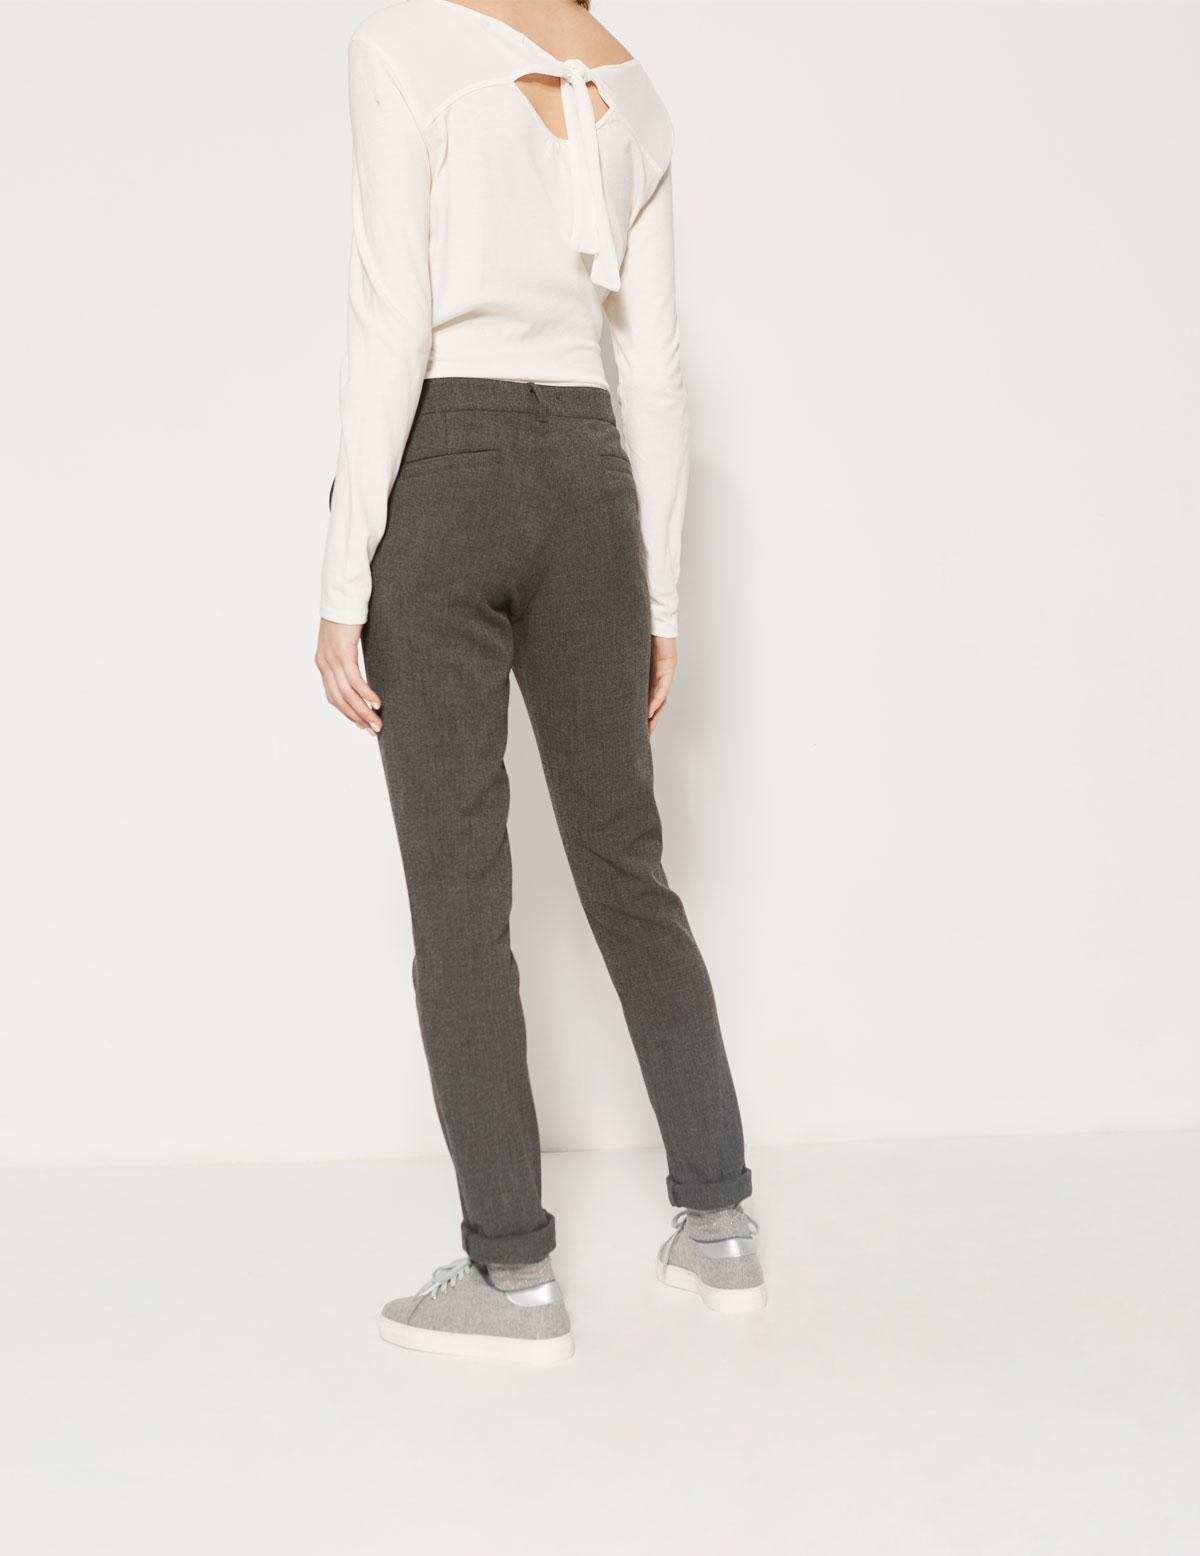 Pantalón largo - Ítem2